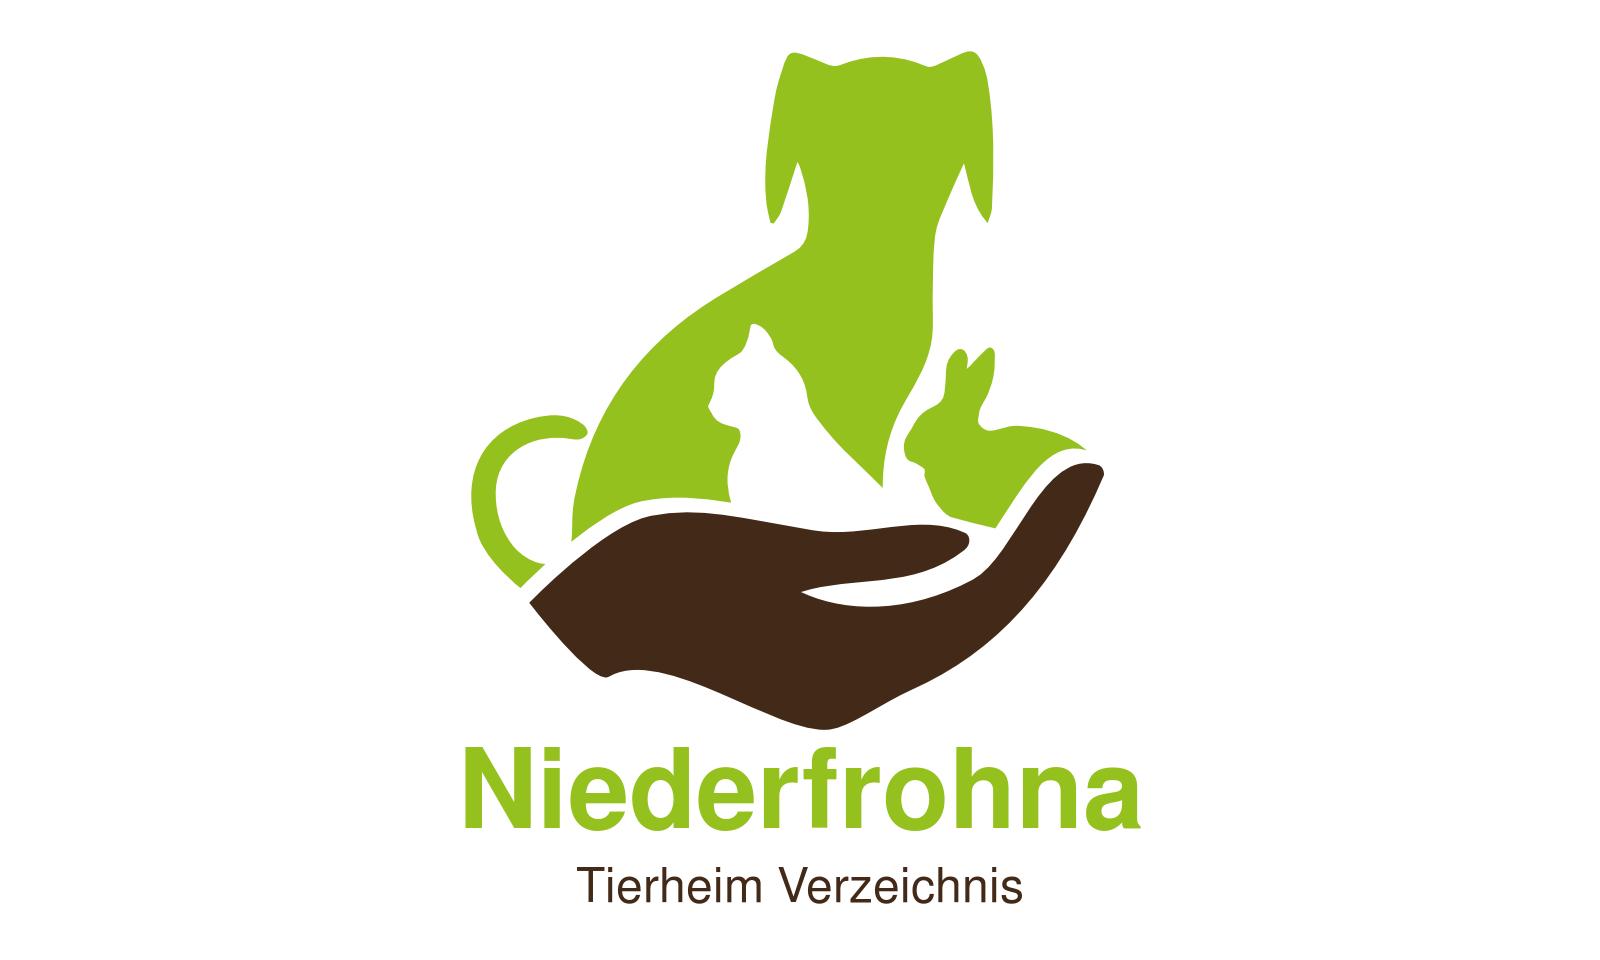 Tierheim Niederfrohna